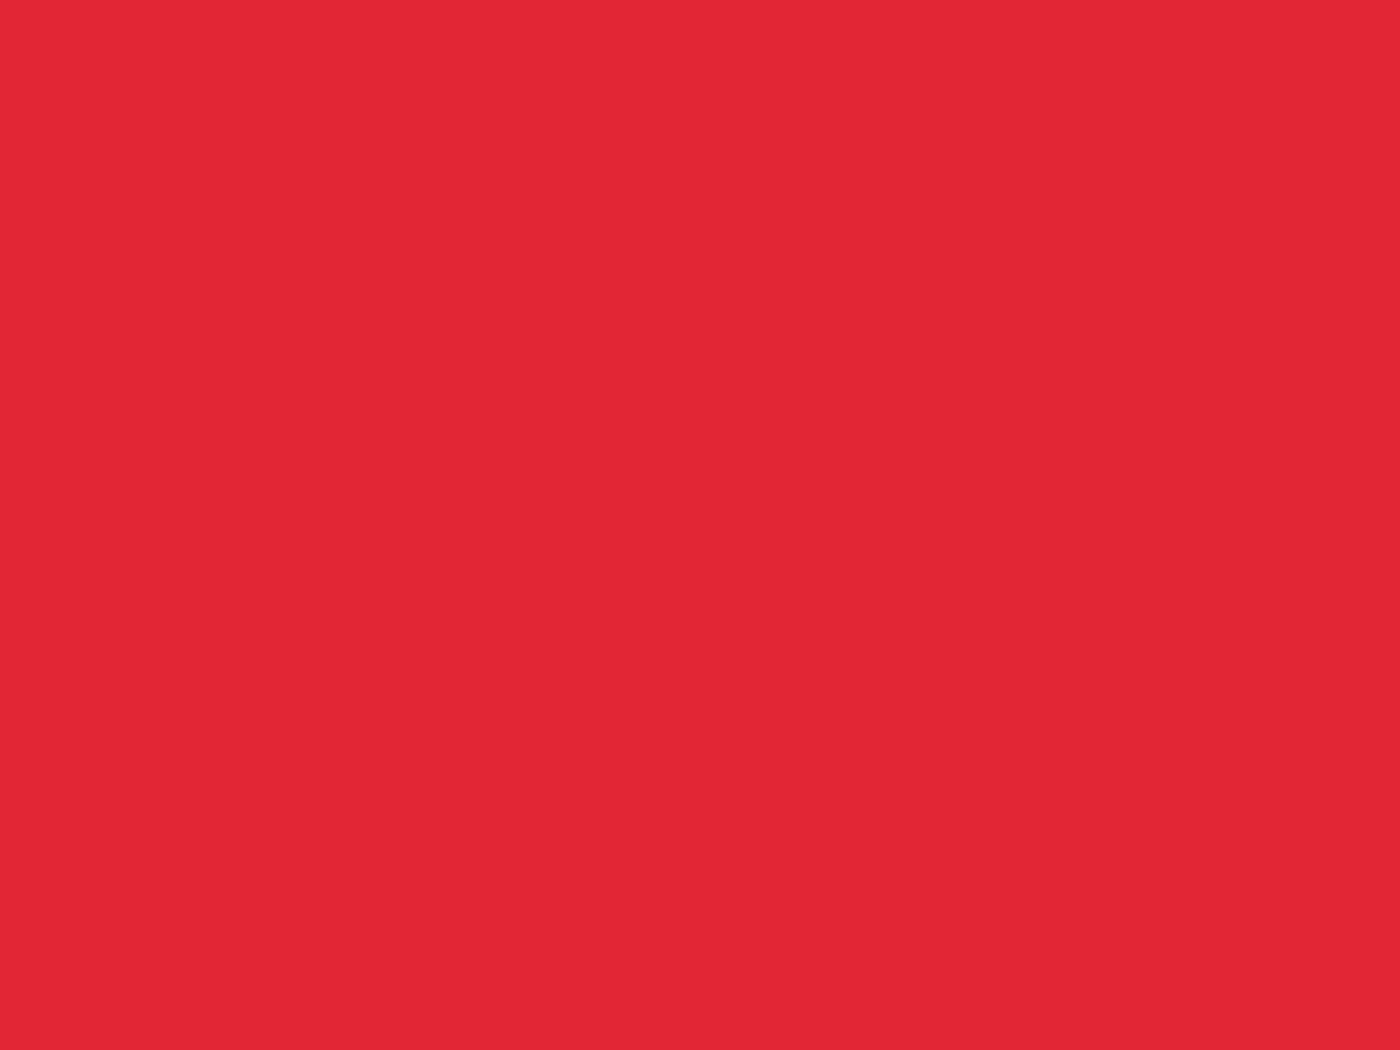 1400x1050 Alizarin Crimson Solid Color Background